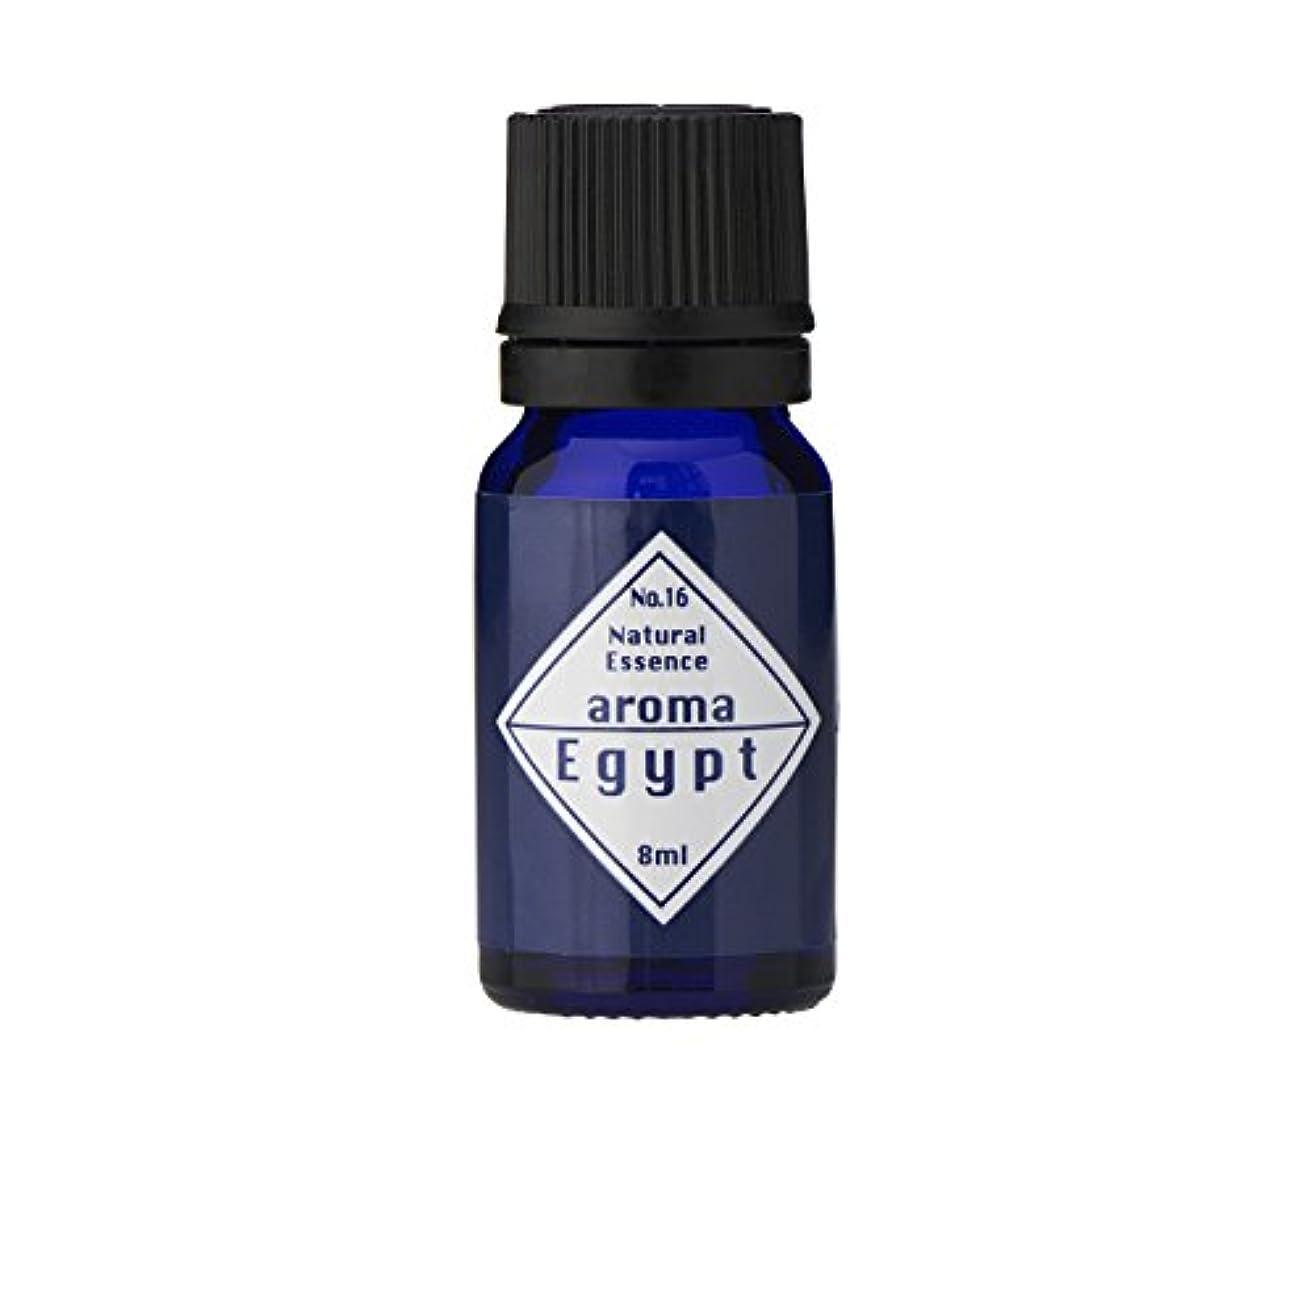 リブトーク有効ブルーラベル アロマエッセンス8ml エジプト(アロマオイル 調合香料 芳香用)